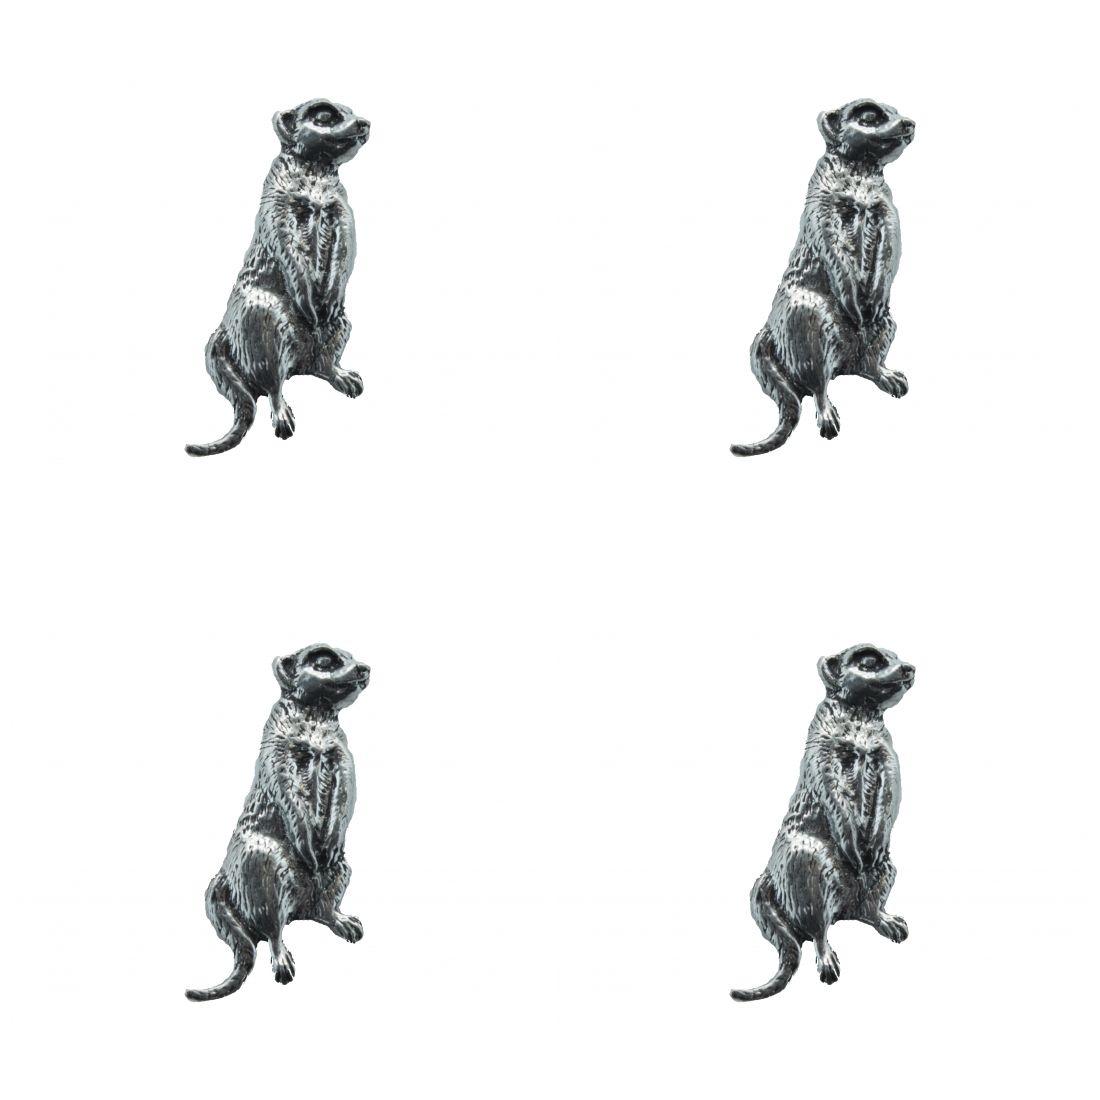 4x Pin Anstecker Badge Erdmännchen Meerkats, 1,7x4,4cm